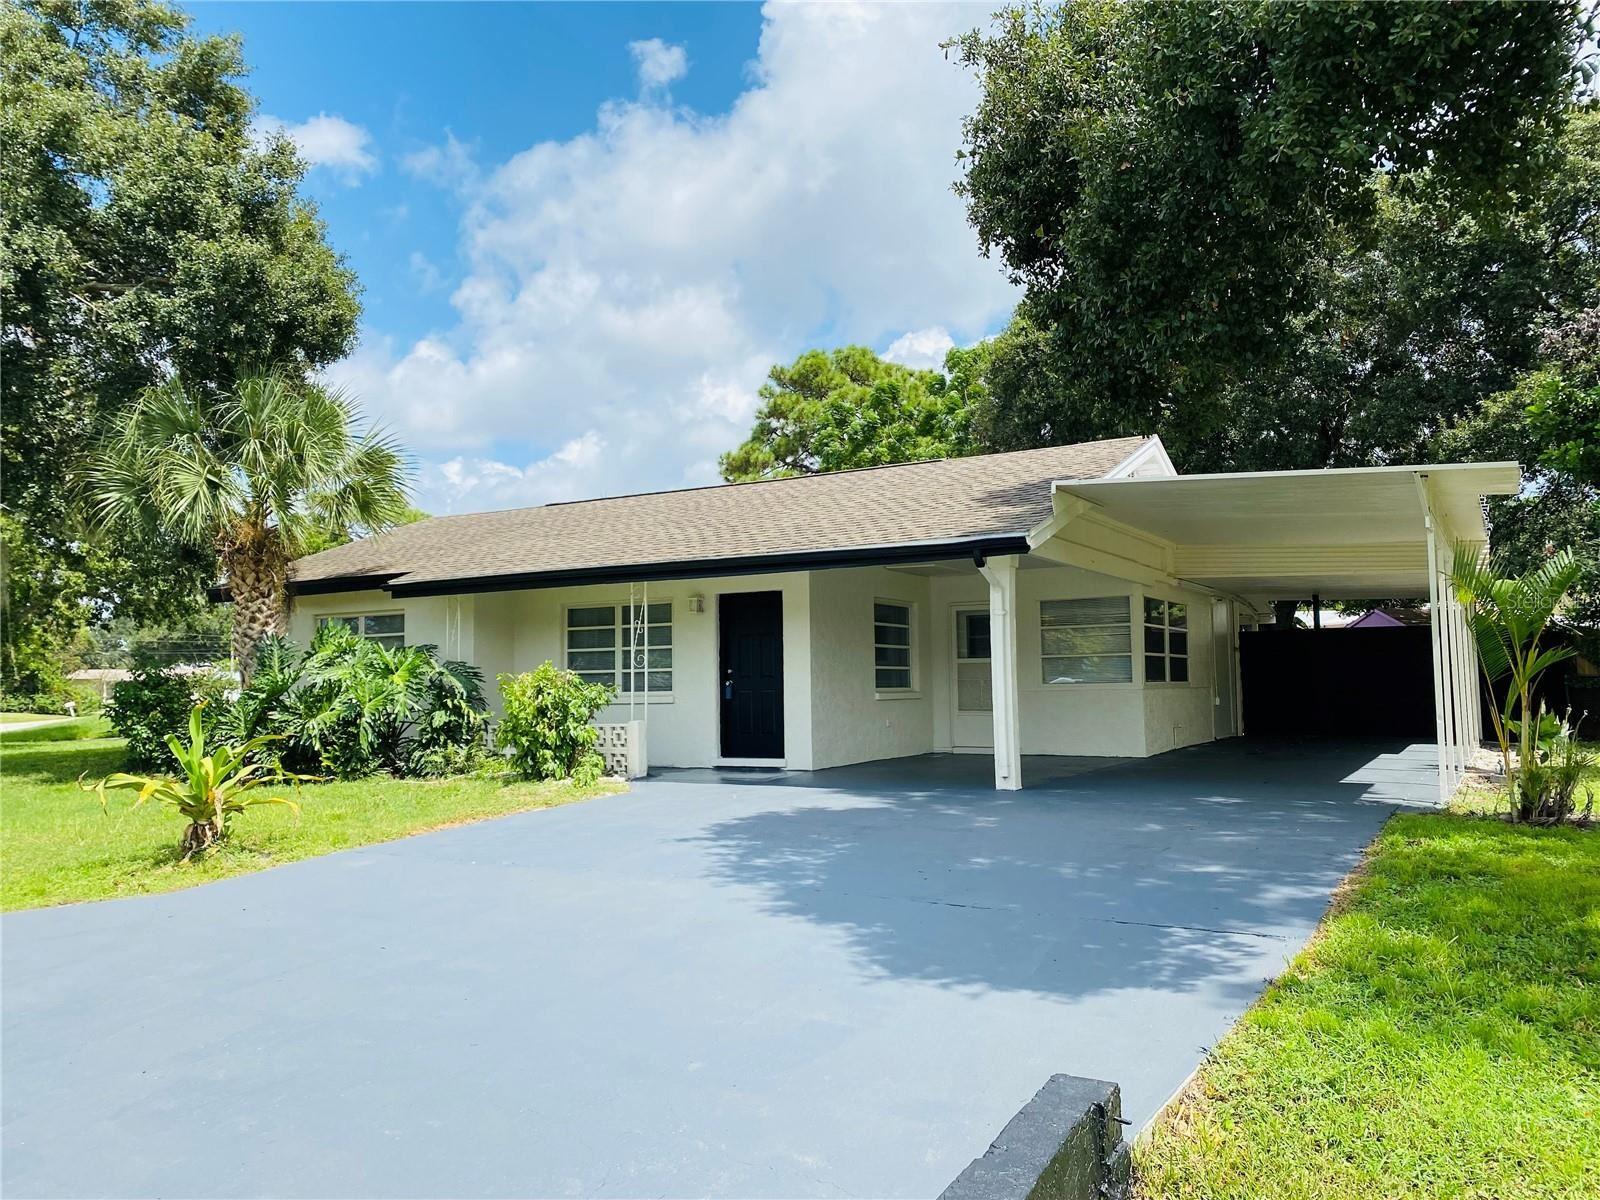 3843 AFTON CIRCLE, Sarasota, FL 34233 - #: A4511968